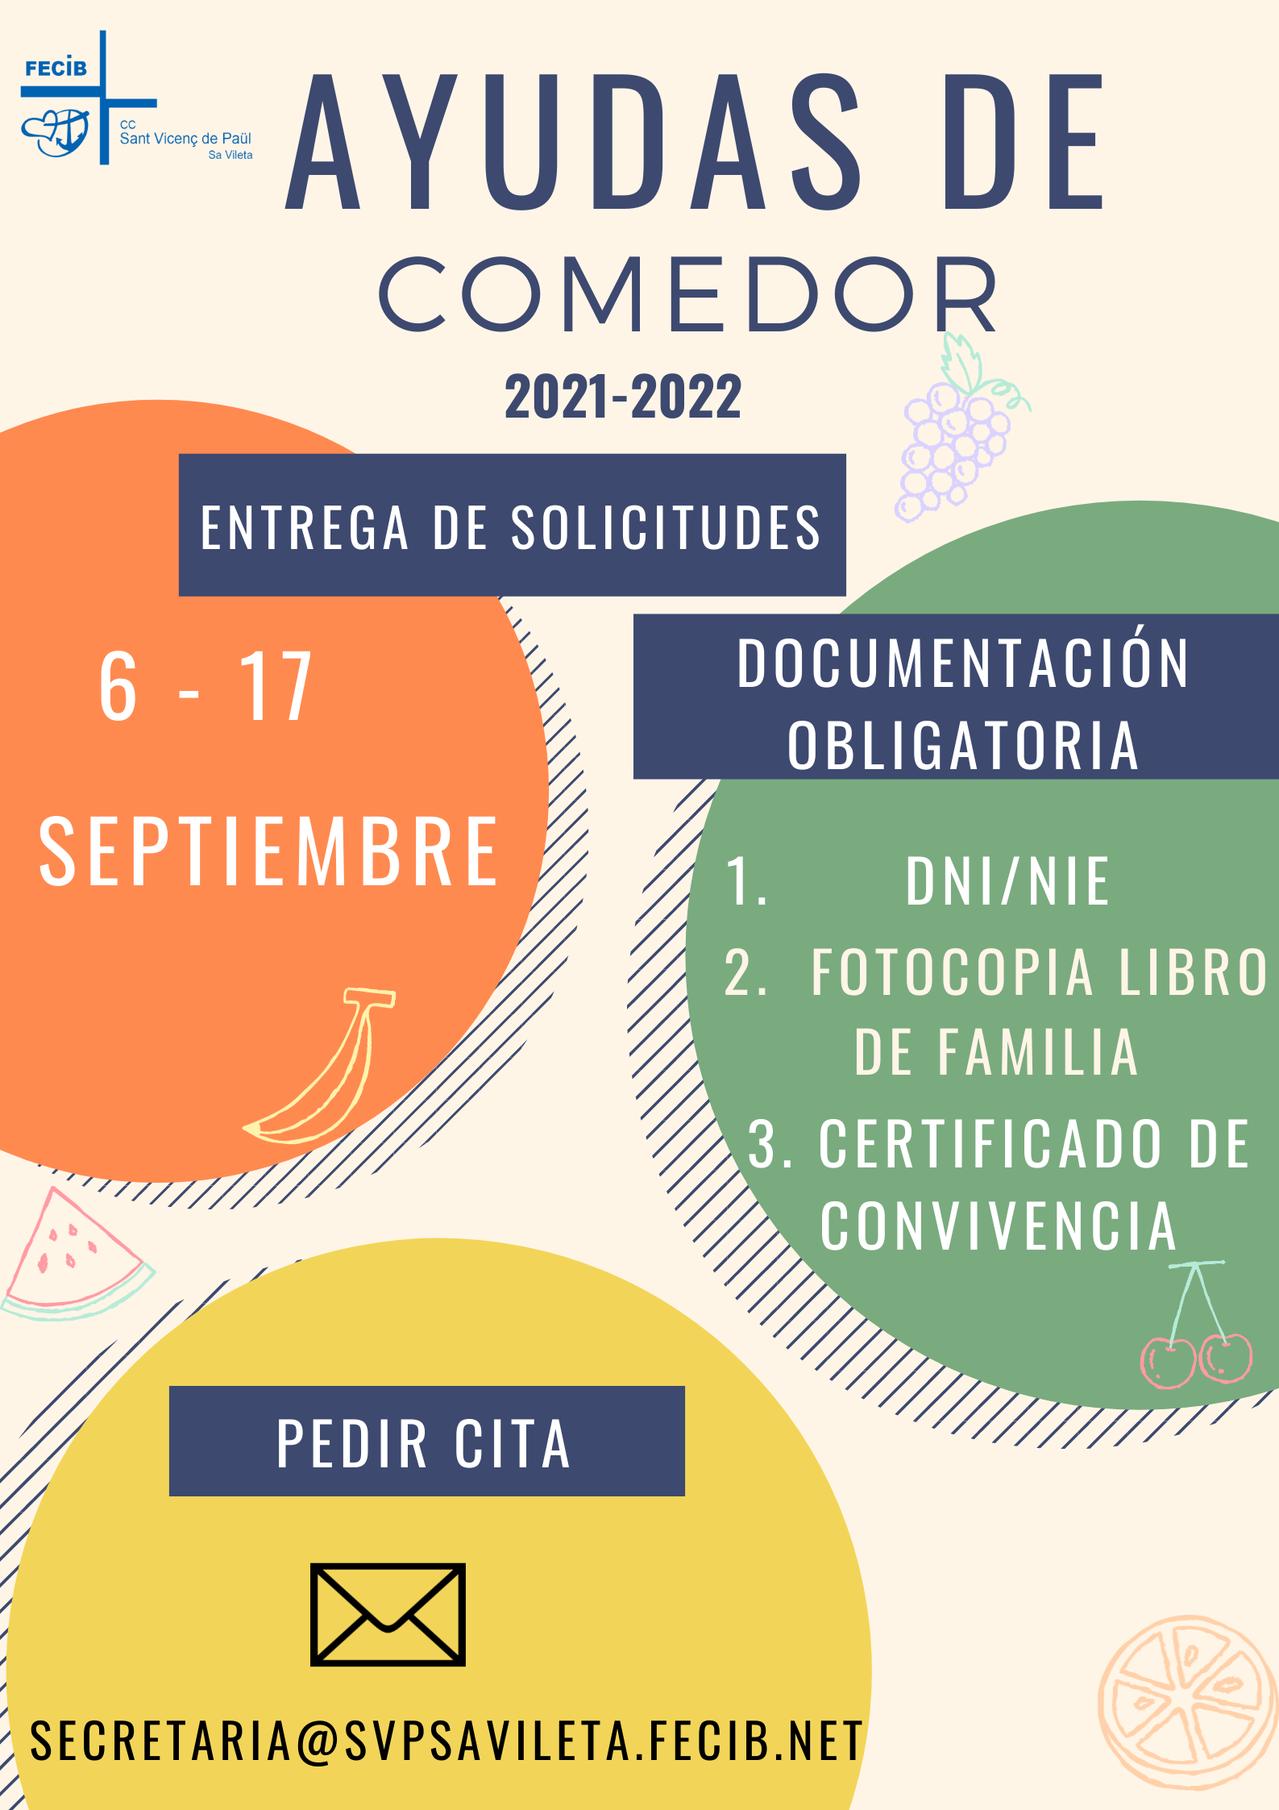 AYUDAS DE COMEDOR 2021-2022